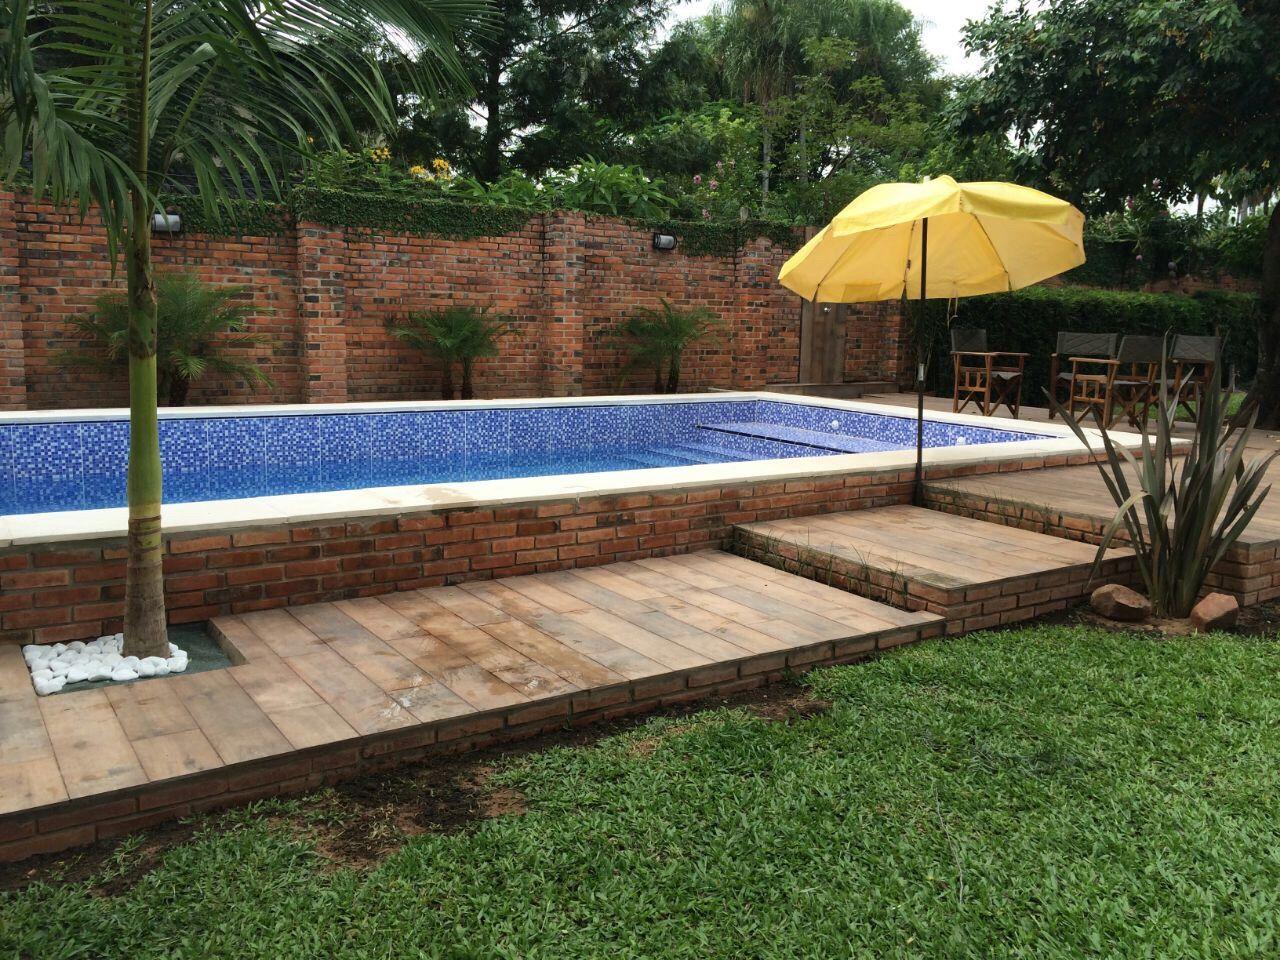 Cuanto cuesta hacer una piscina pequea amazing fabricacion de piscinas en colombia with cuanto - Fabricacion de piscinas ...